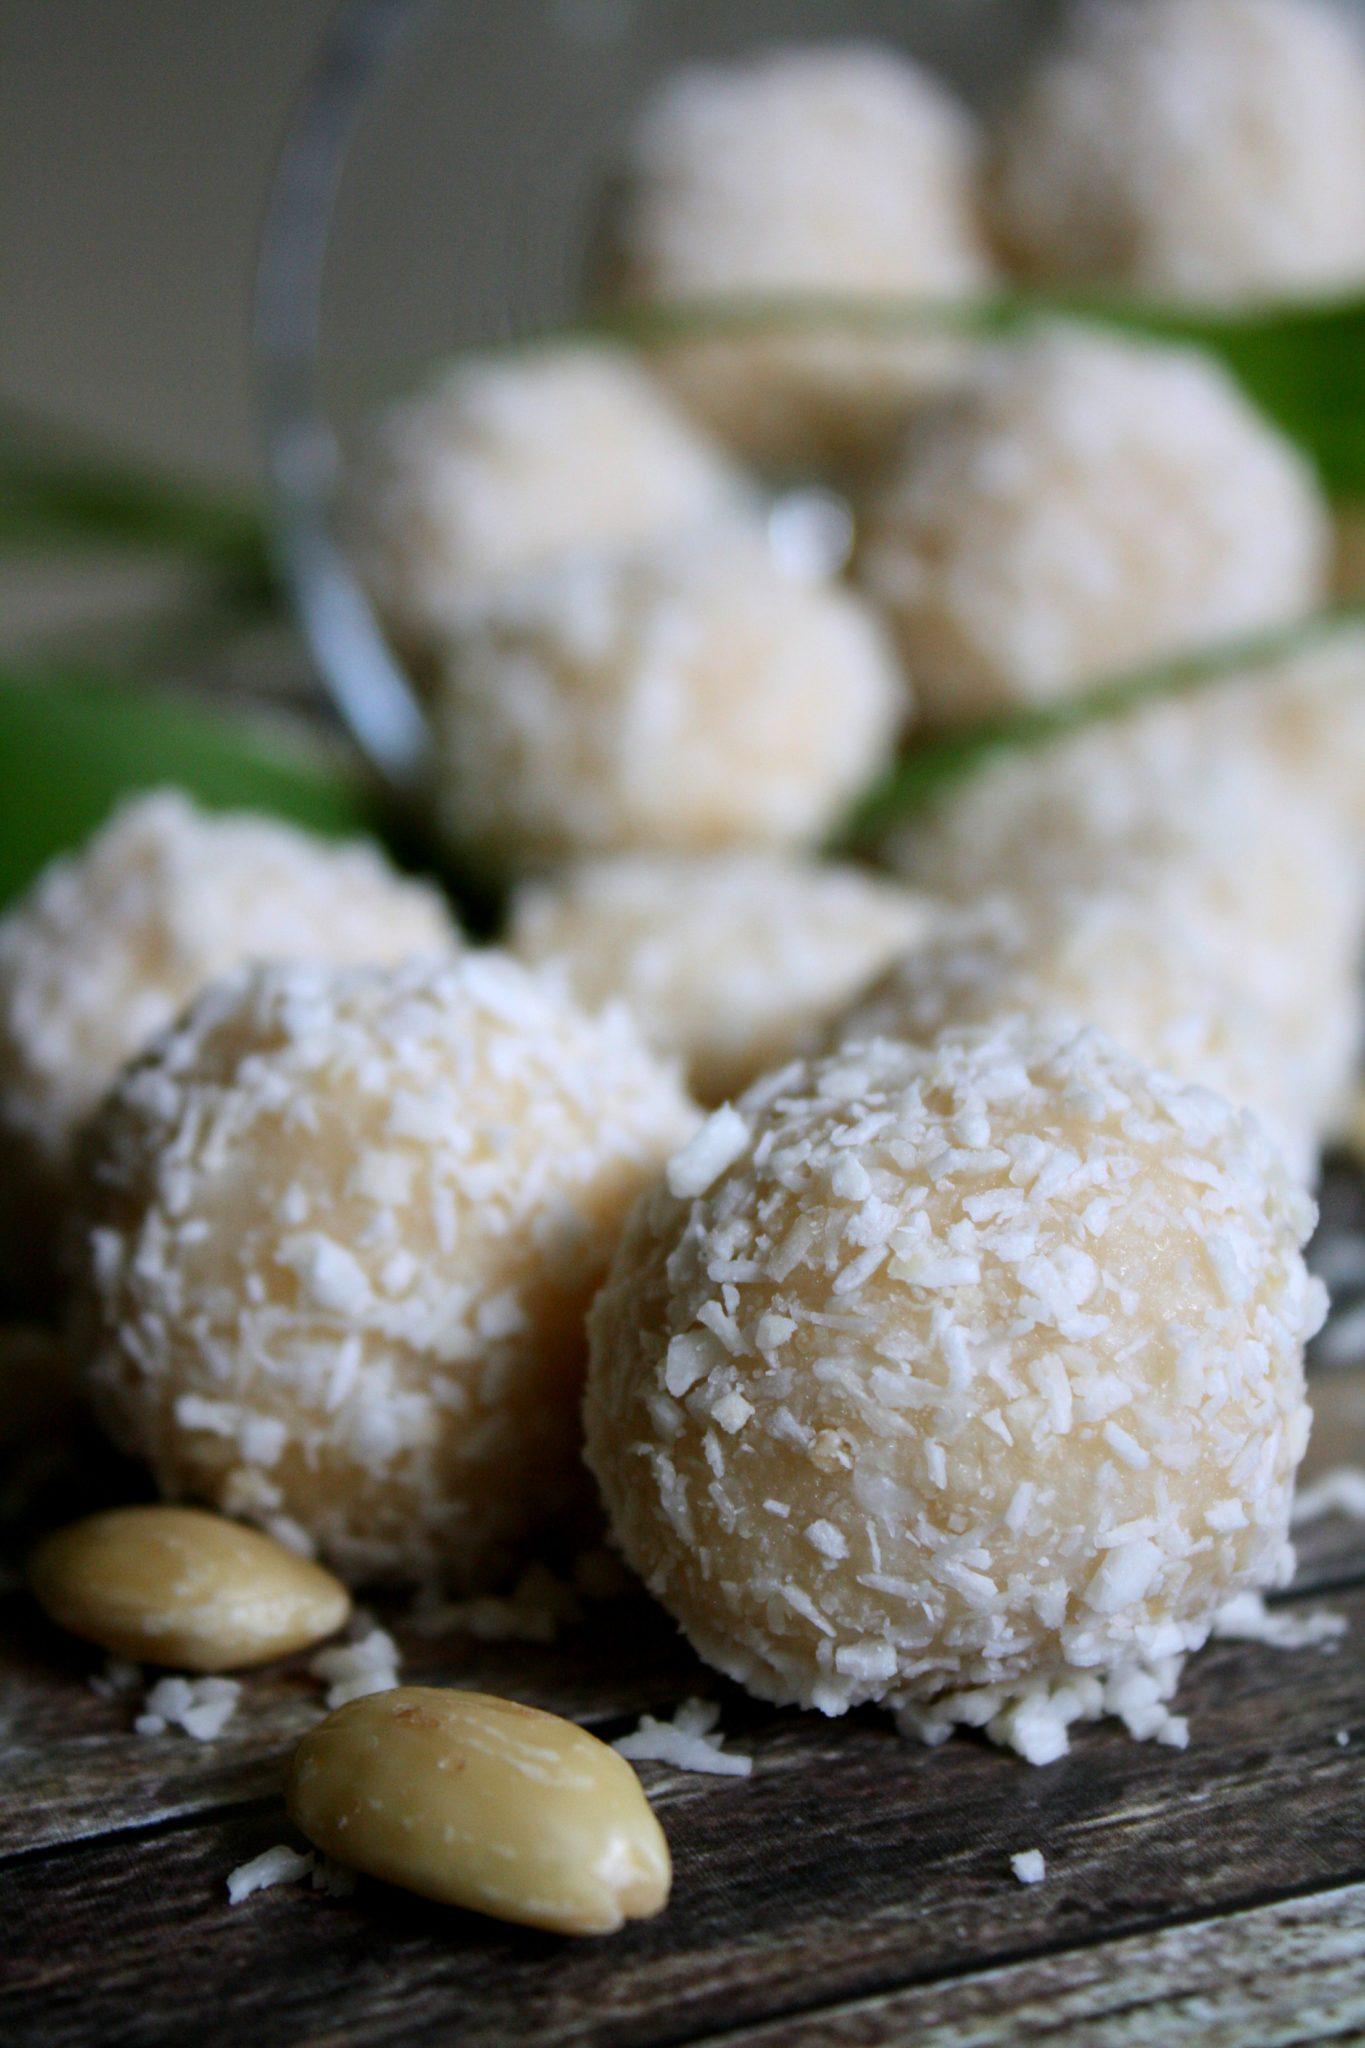 Esses docinhos de coco inspirados no Raffaello da Ferrero, são feitos com ingredientes saudáveis e naturais e são super viciantes! As amêndoas são cobertas com uma massa de coco macia, cremosa e deliciosa.